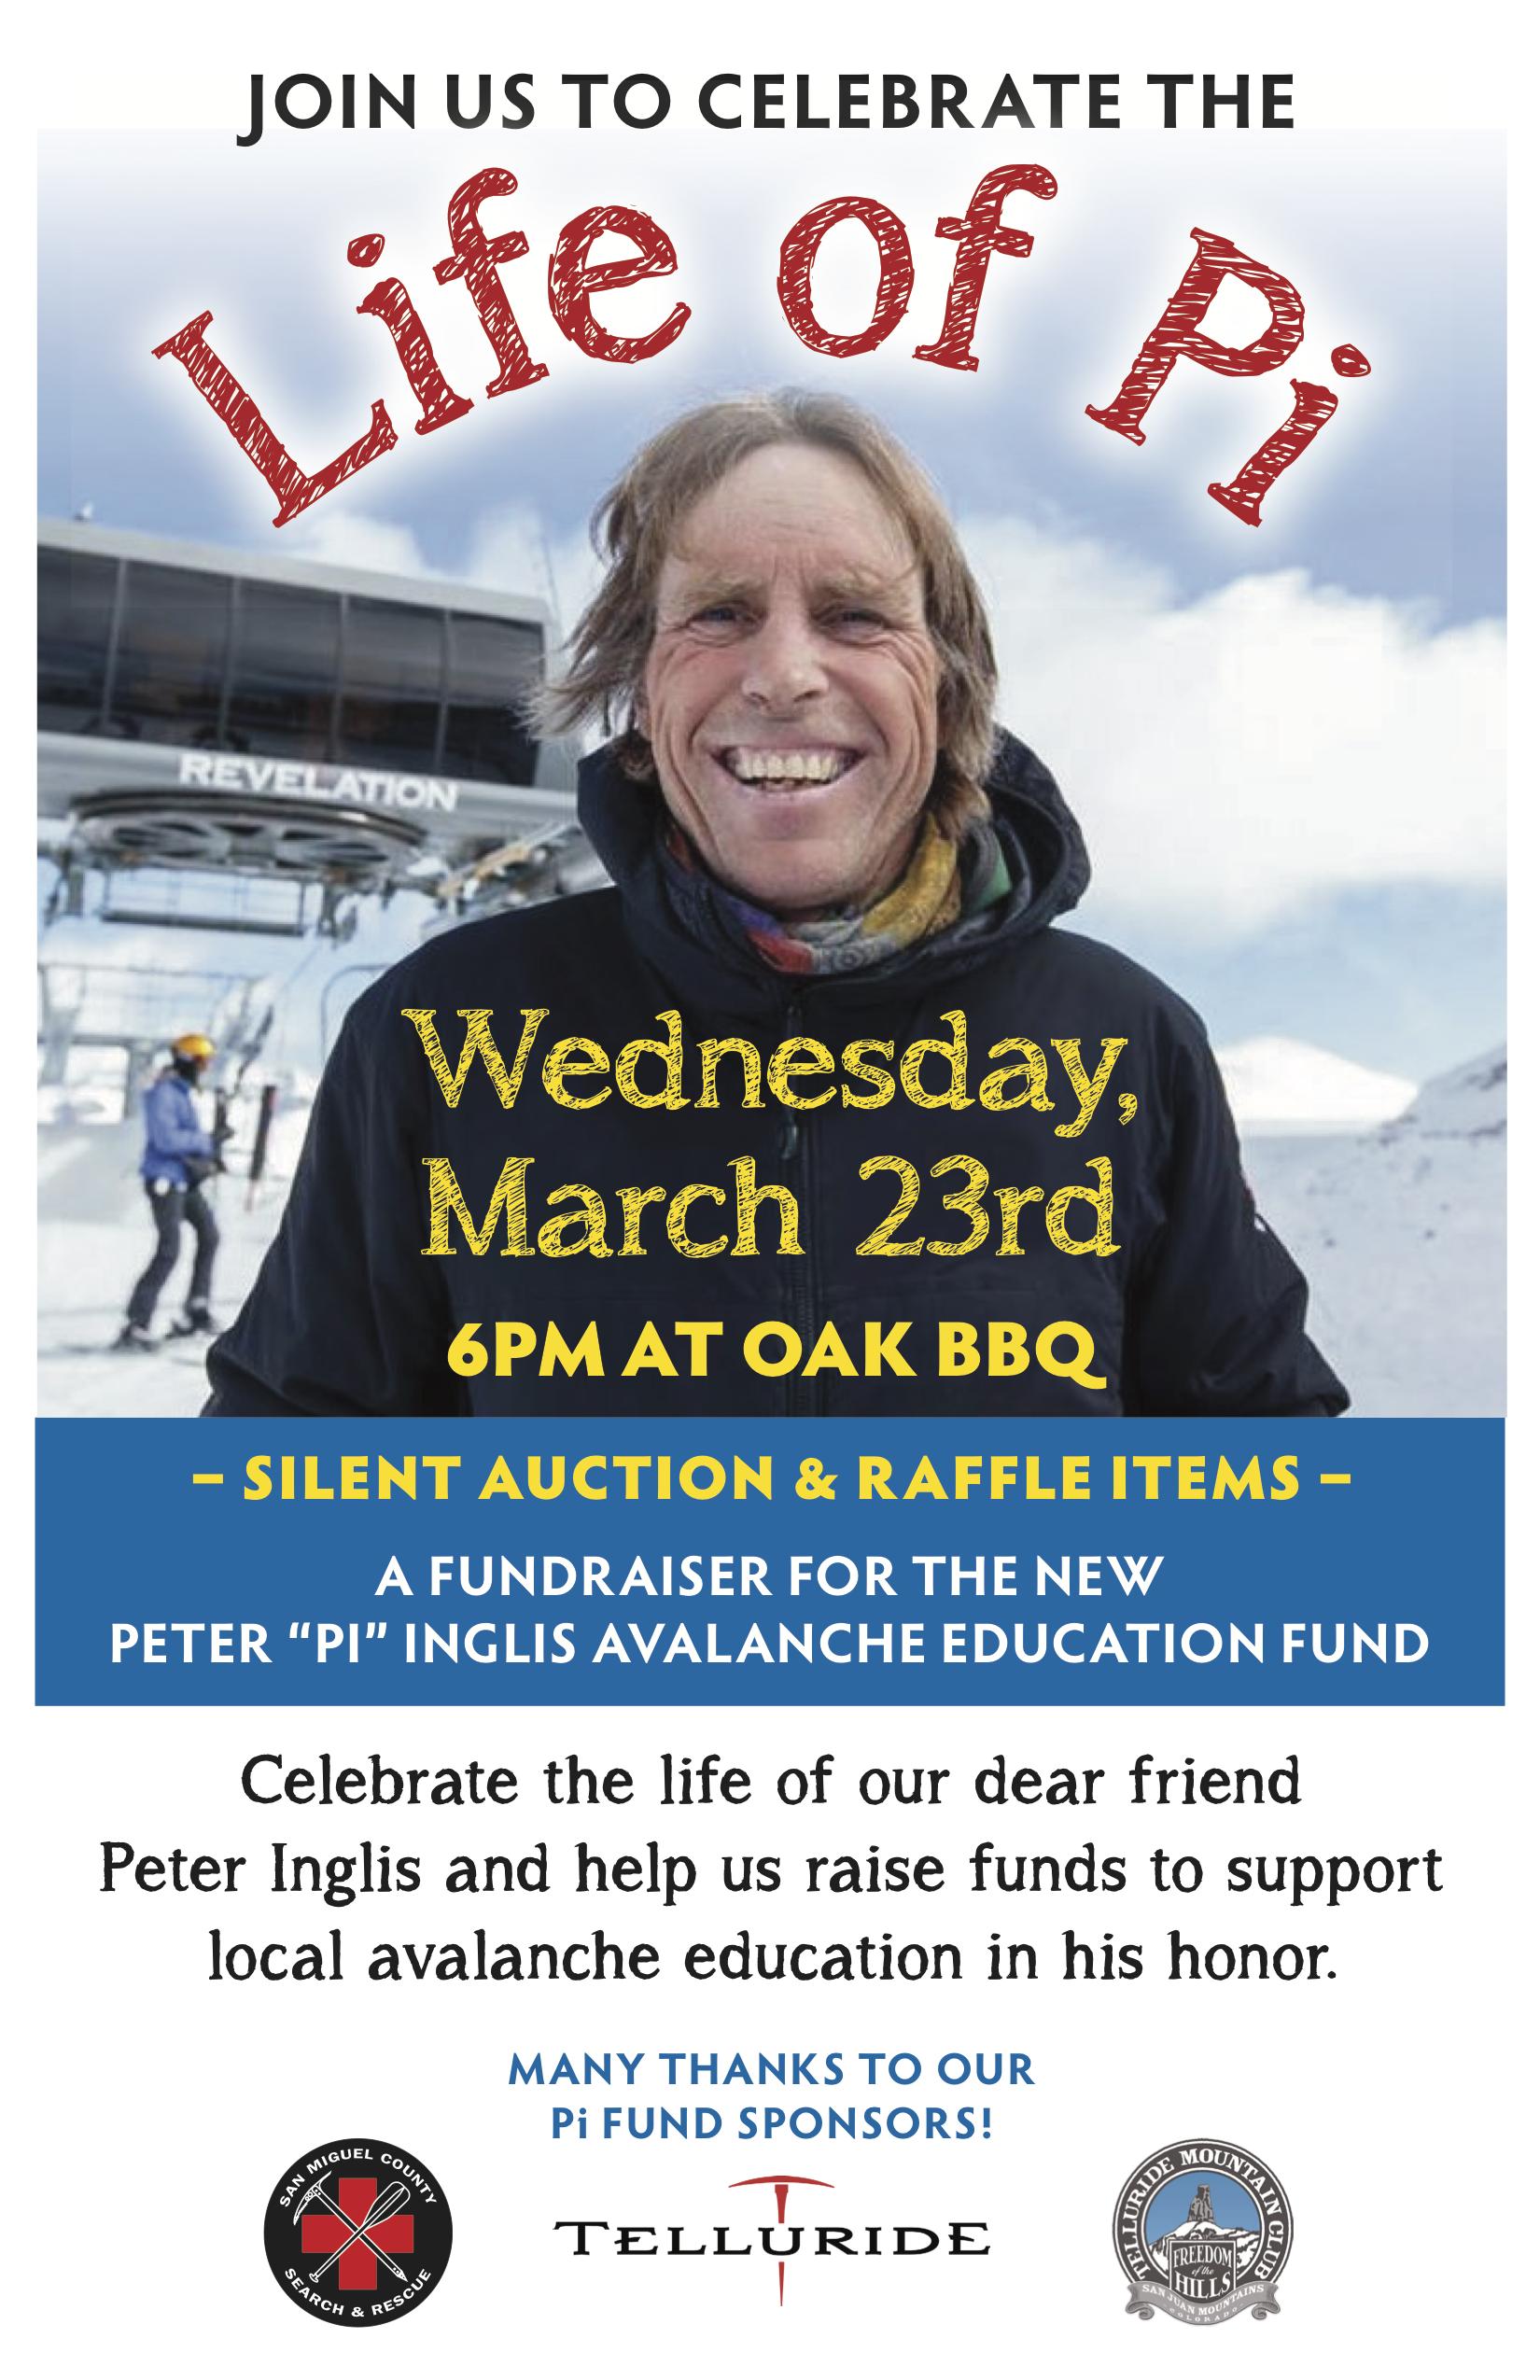 Peter Inglis Memorial Fund Fundraiser Telluride Mountain Club